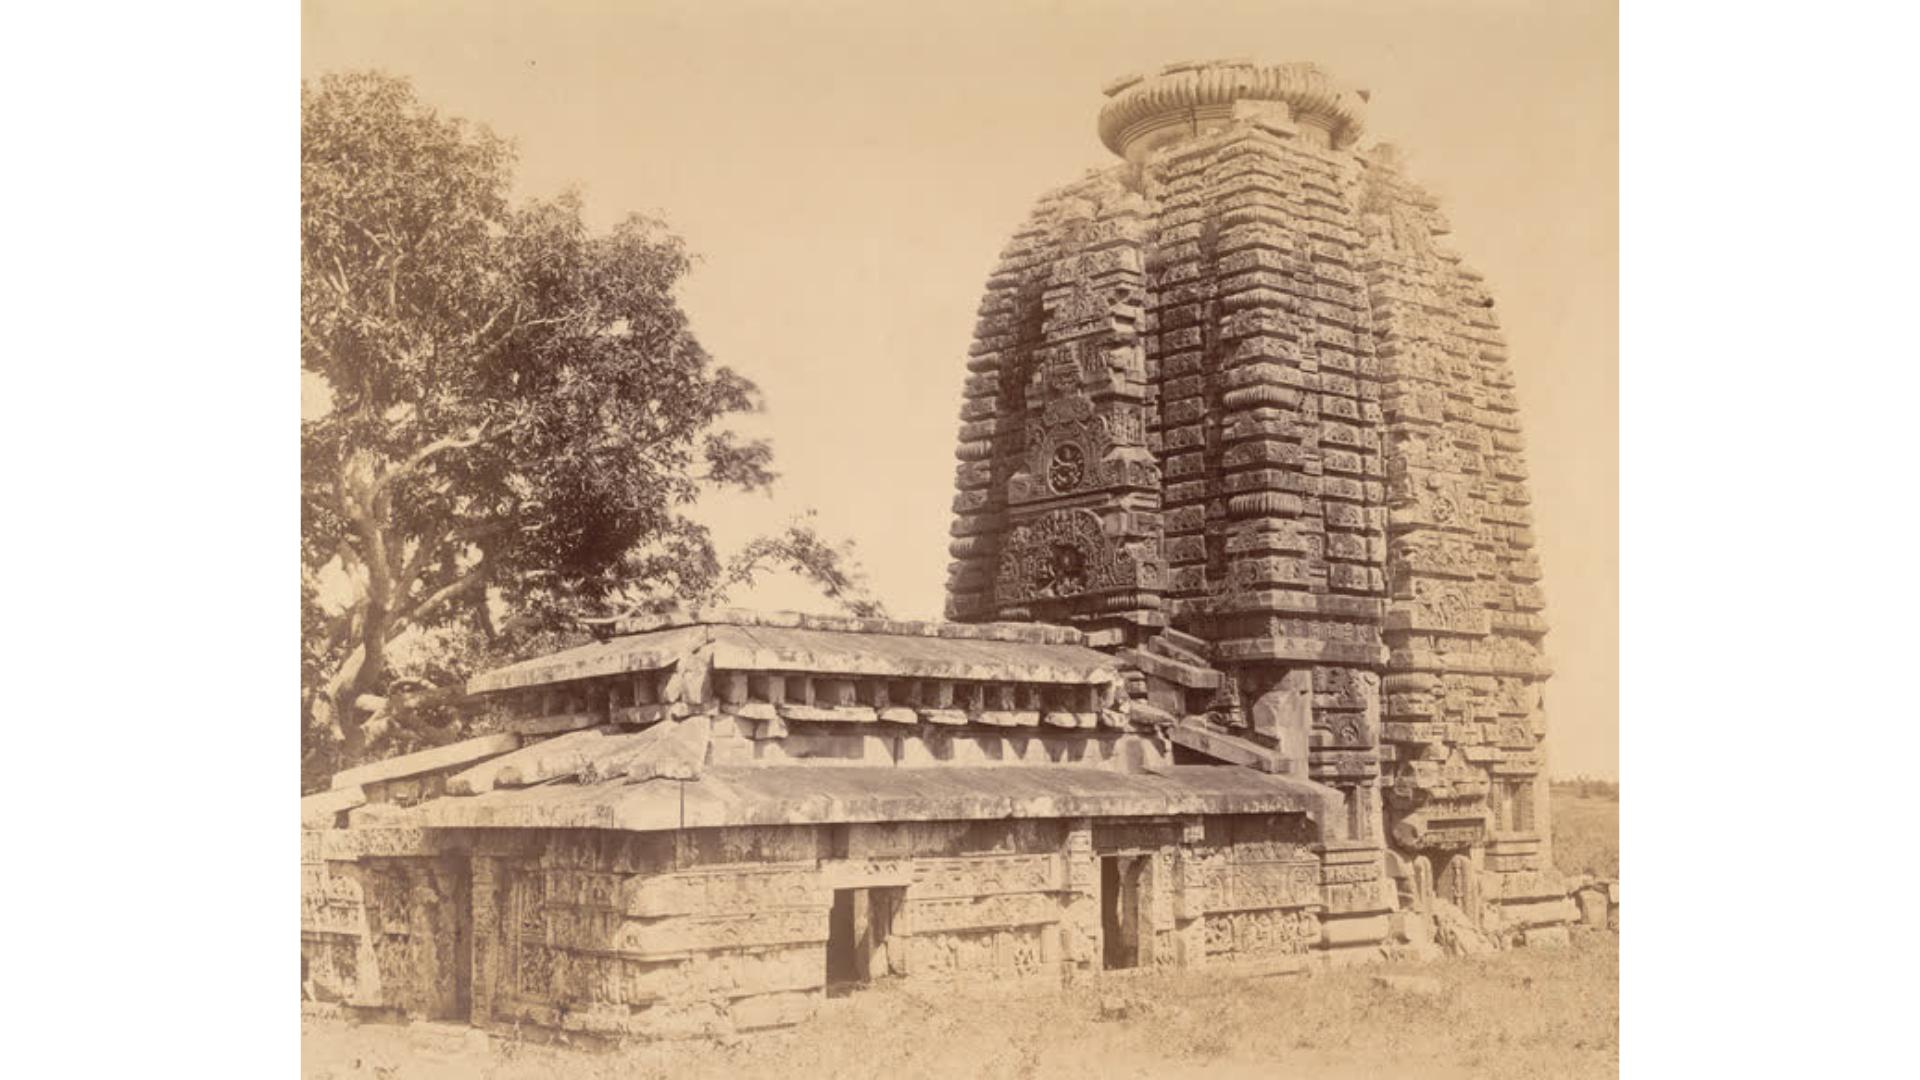 परशुरामेश्वर मंदिर: ओडिशा के सबसे पुराने मंदिरों में से एक